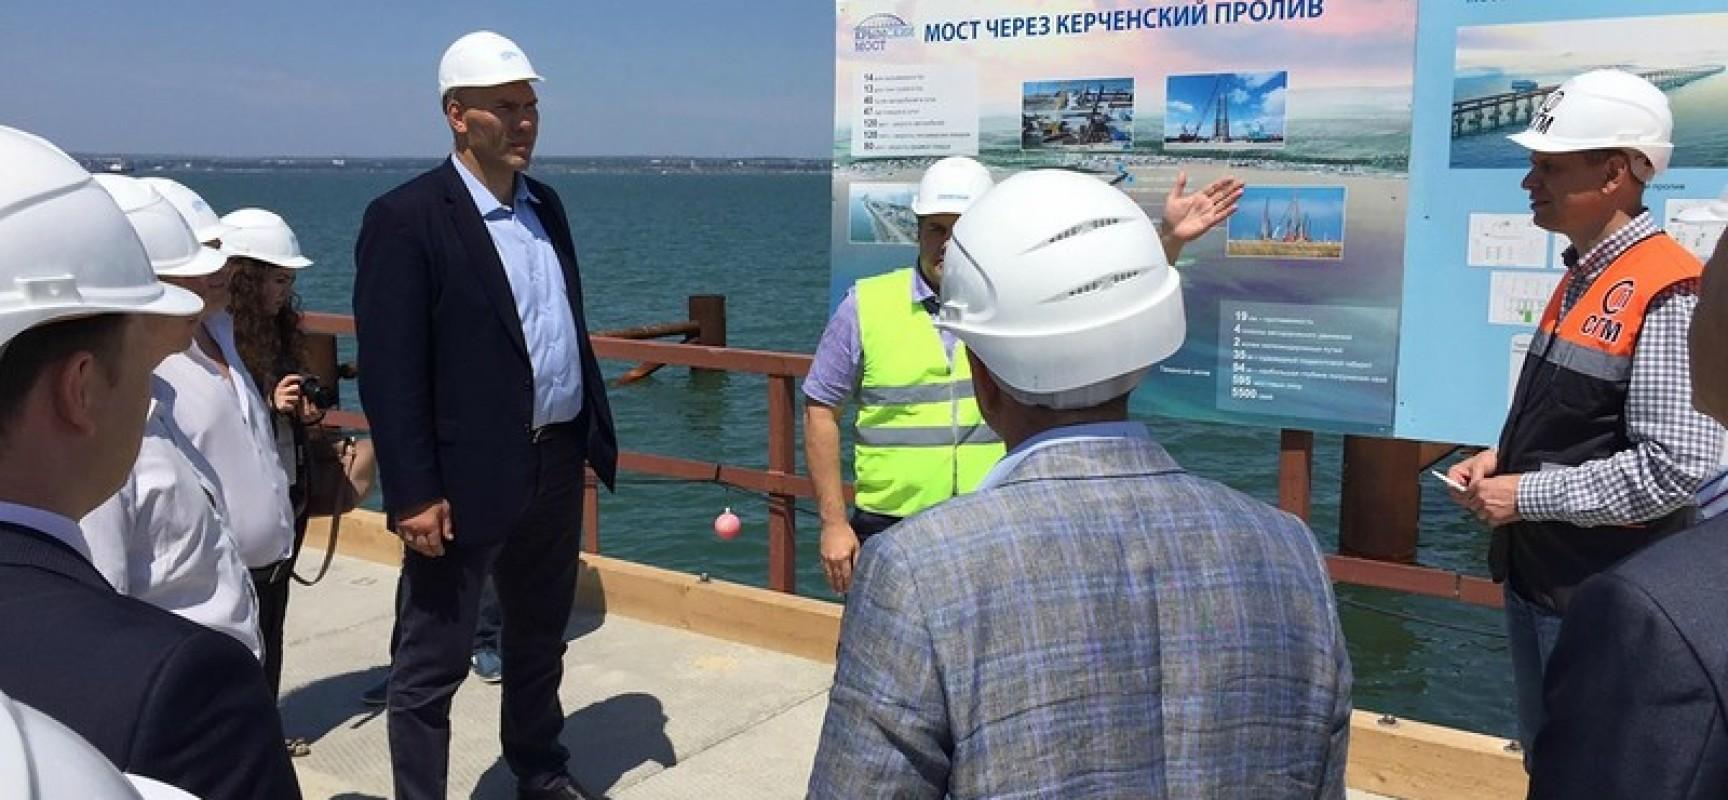 Общественный совет по строительству моста через Керченский пролив провел первое заседание на объекте